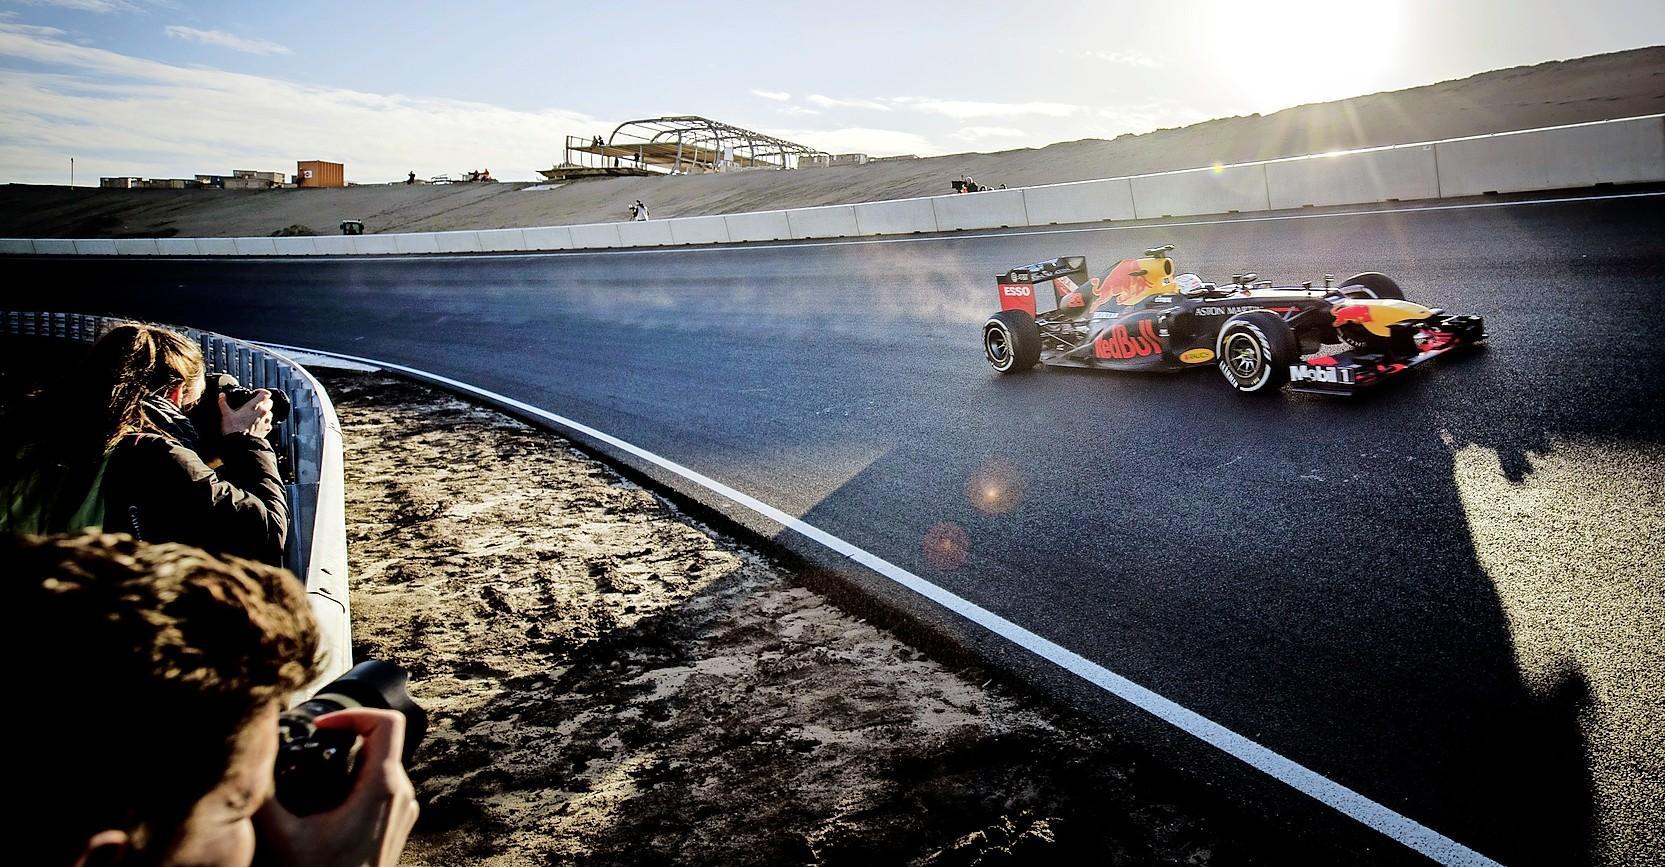 Hoe aantrekkelijk is een Formule 1-race zonder publiek in Zandvoort? 'Ik rijd soms een wedstrijd waar geen kip op af komt. Dat is gewoon niet leuk'